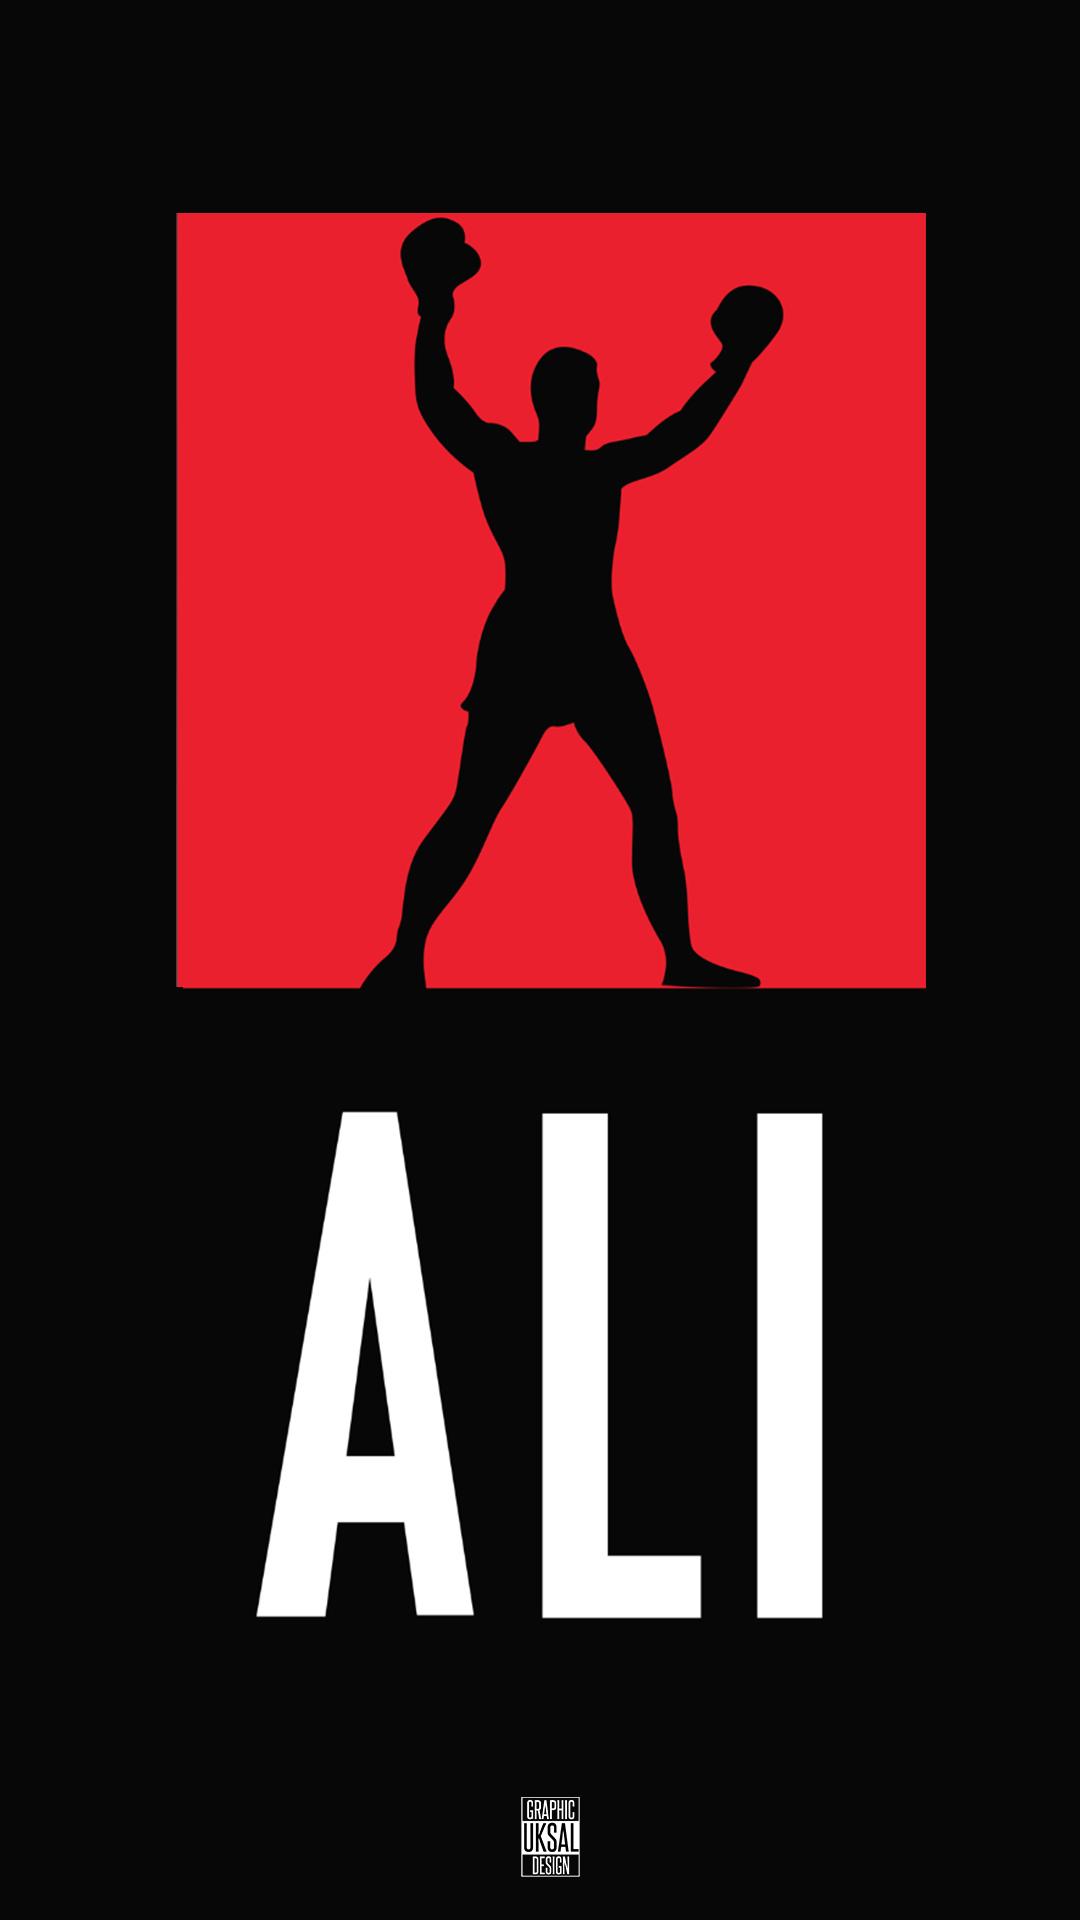 iPhone wallpaper muhammad ali logo Muhammad Ali